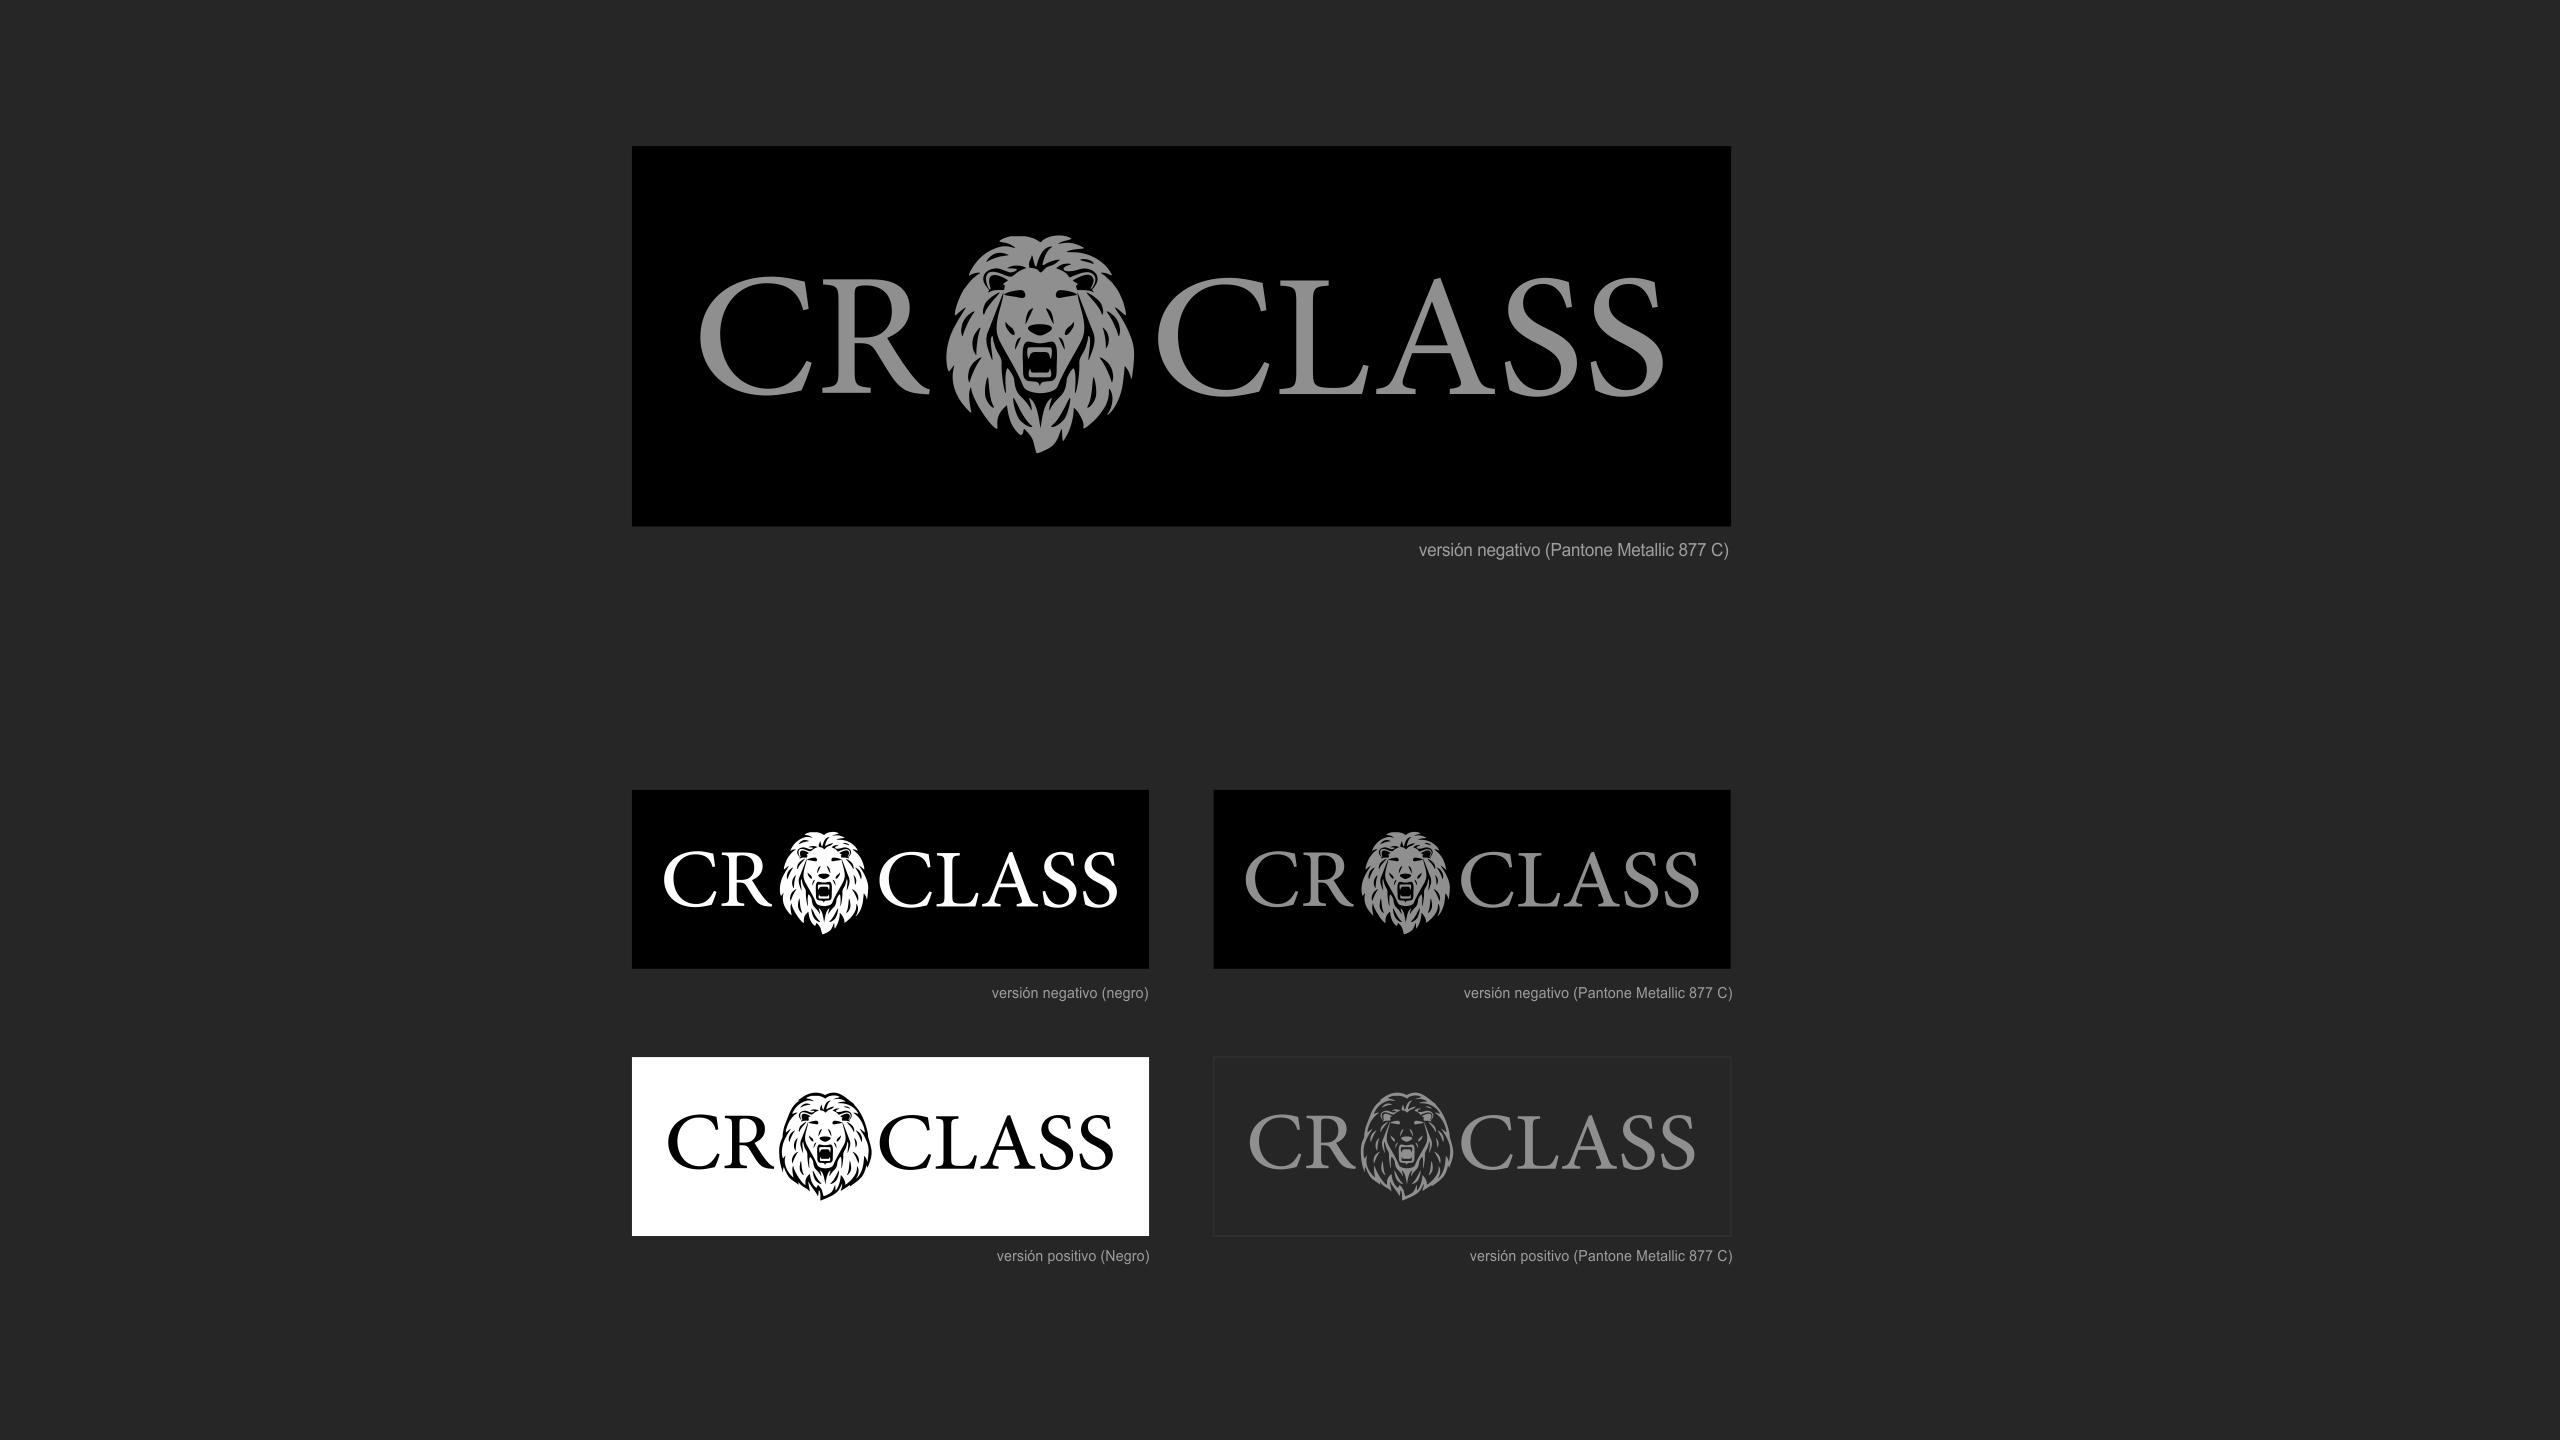 Diseño CR Class logotipo